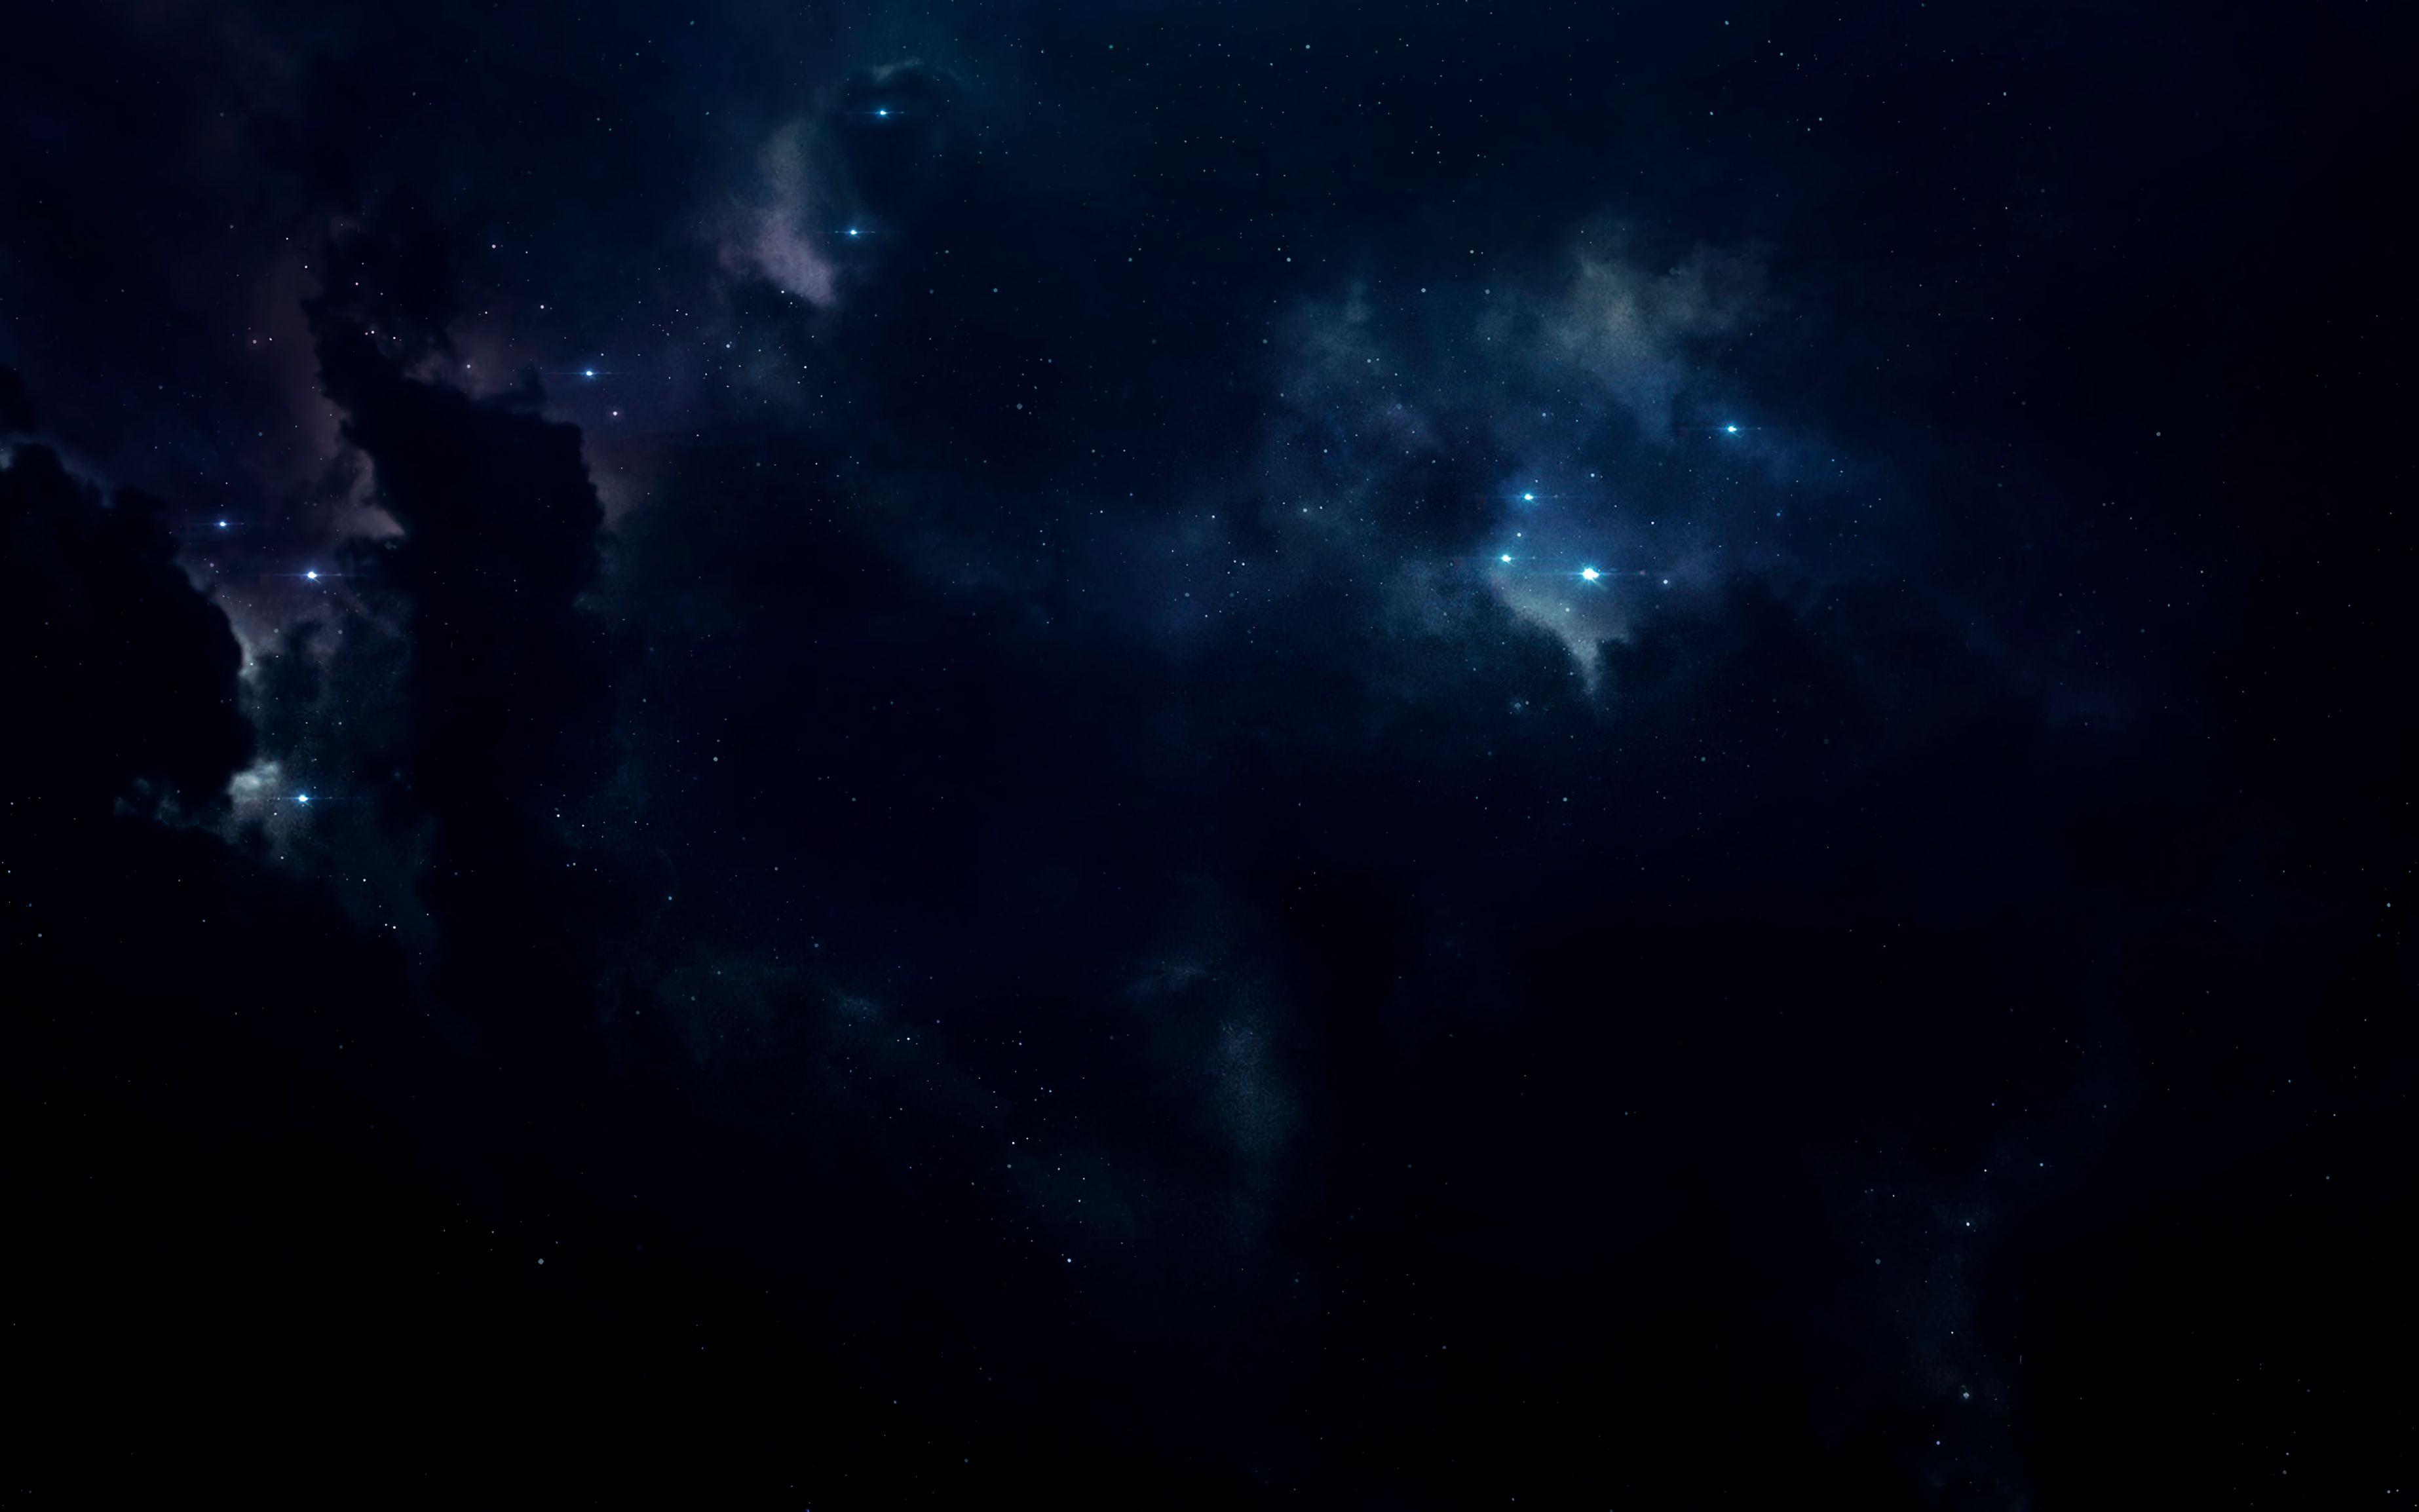 144259 скачать обои Звезды, Космос, Сияние, Темный, Облачный - заставки и картинки бесплатно